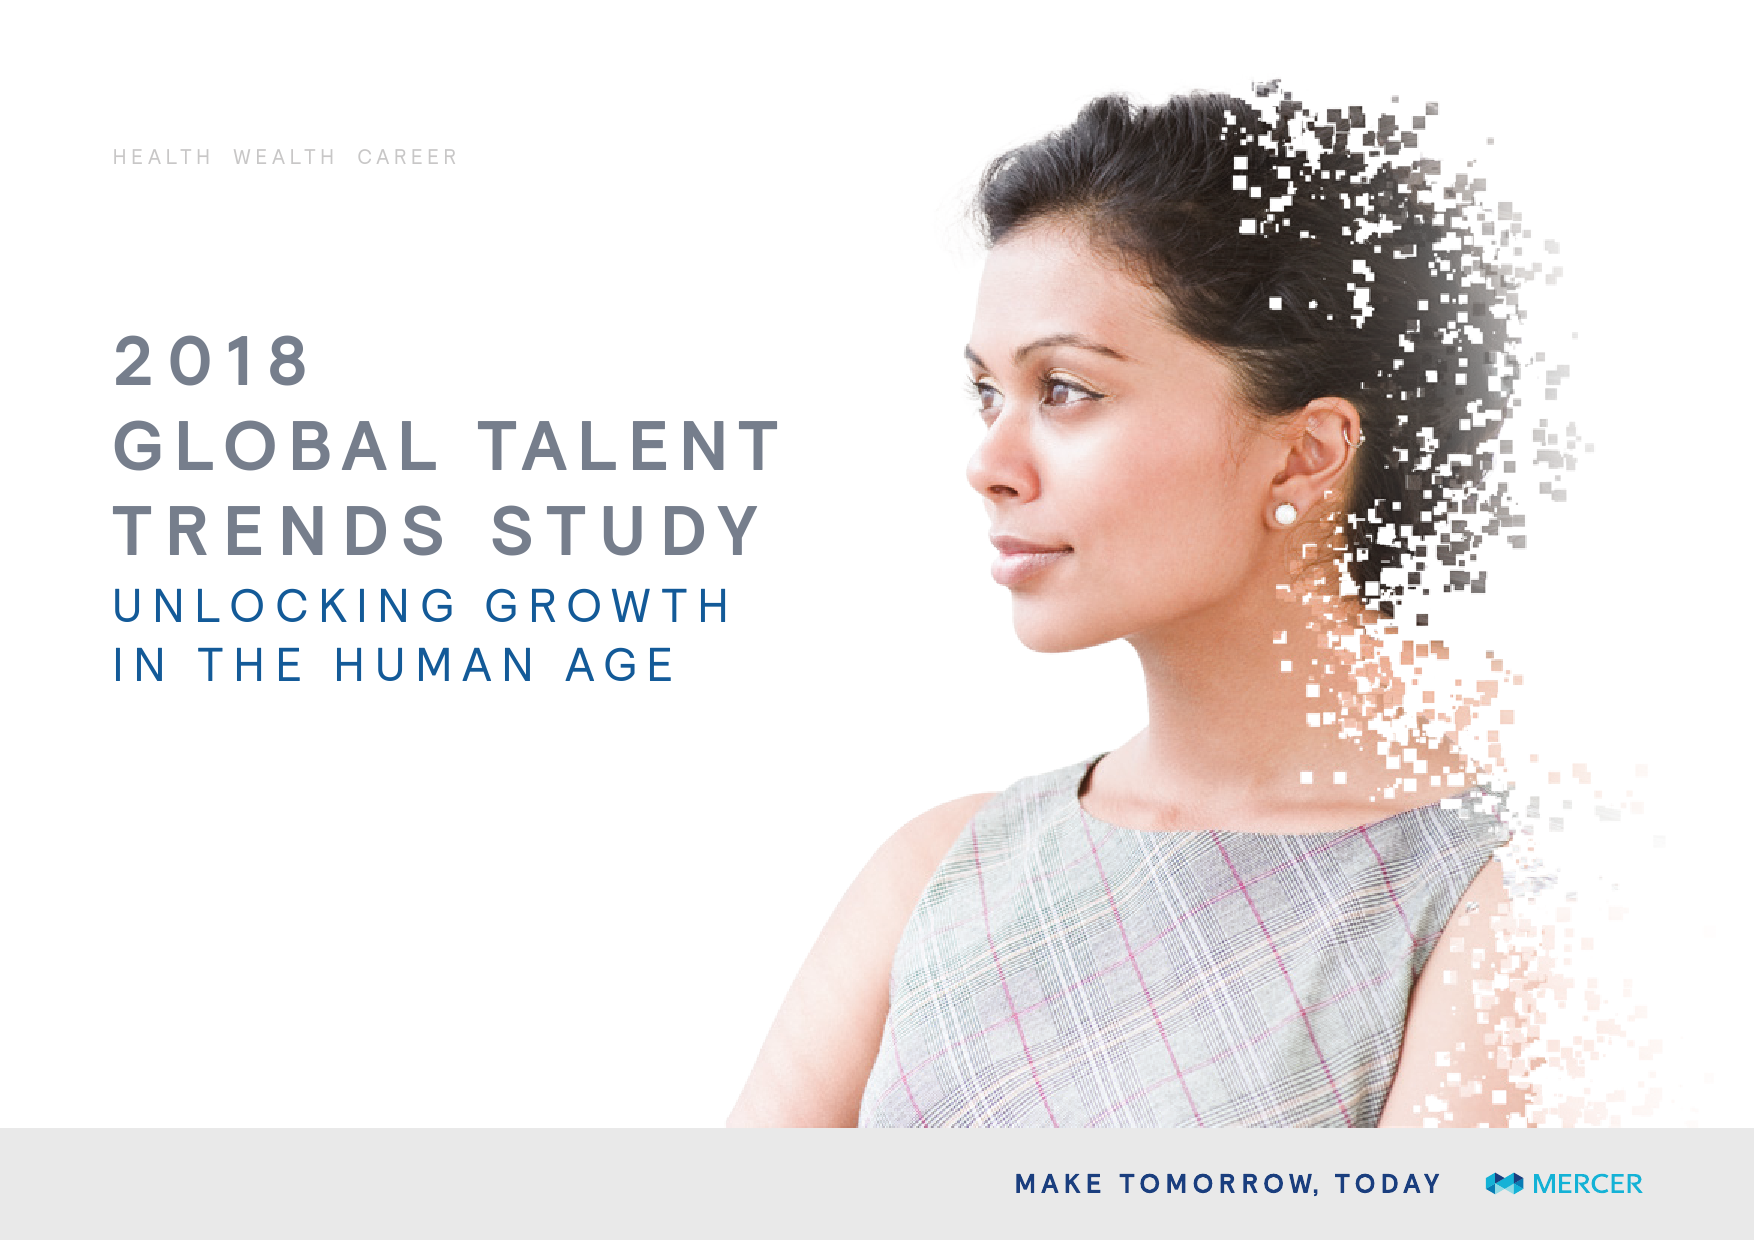 美世:2018年全球人才趋势研究报告